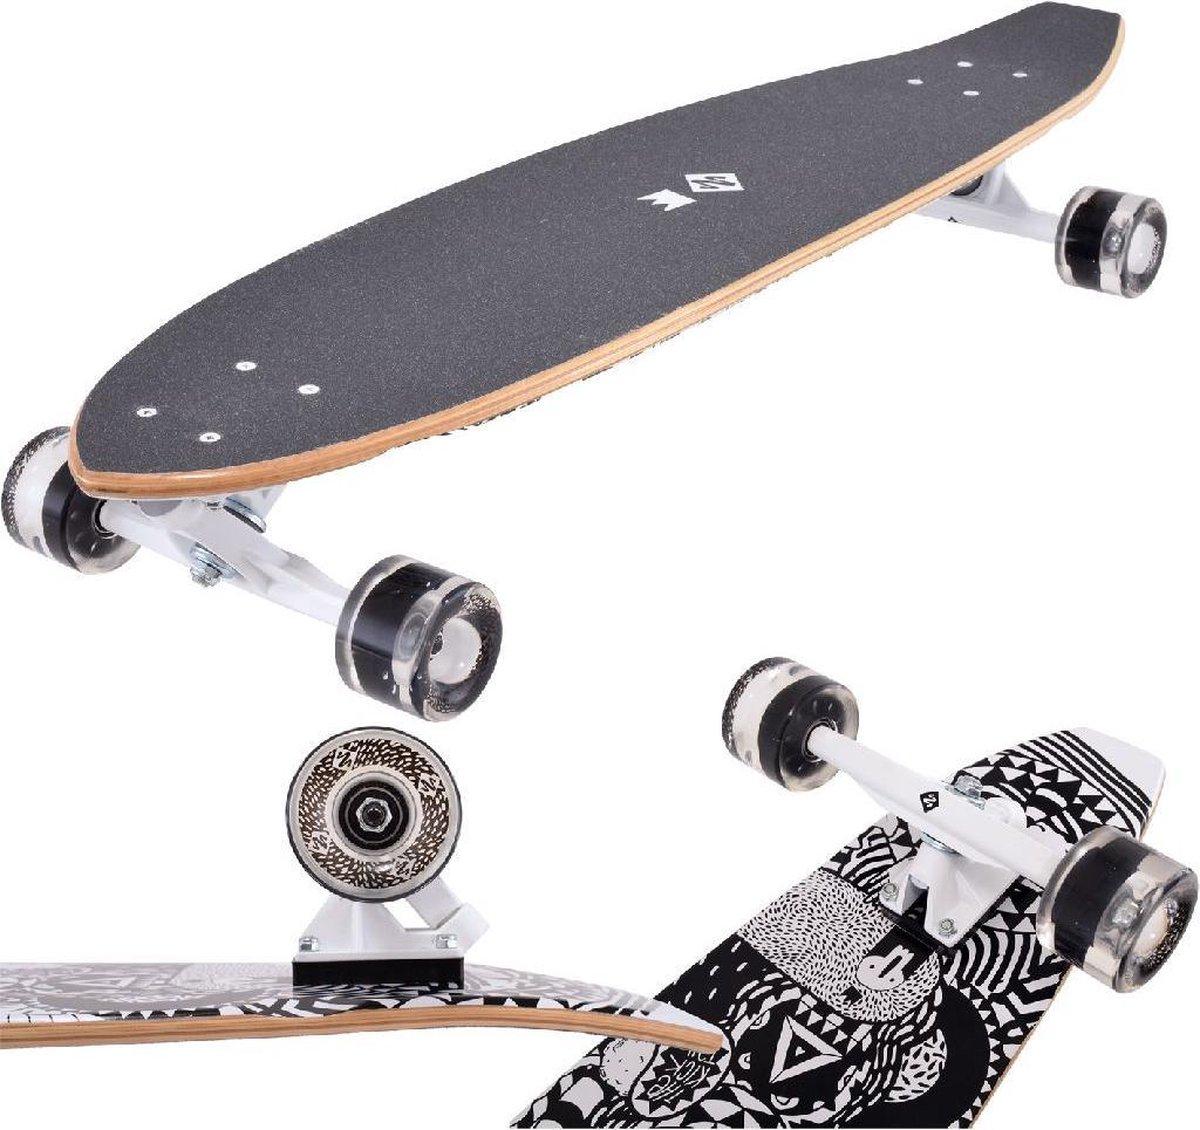 Street Surfing Longboard Kicktail Rumble 91cm